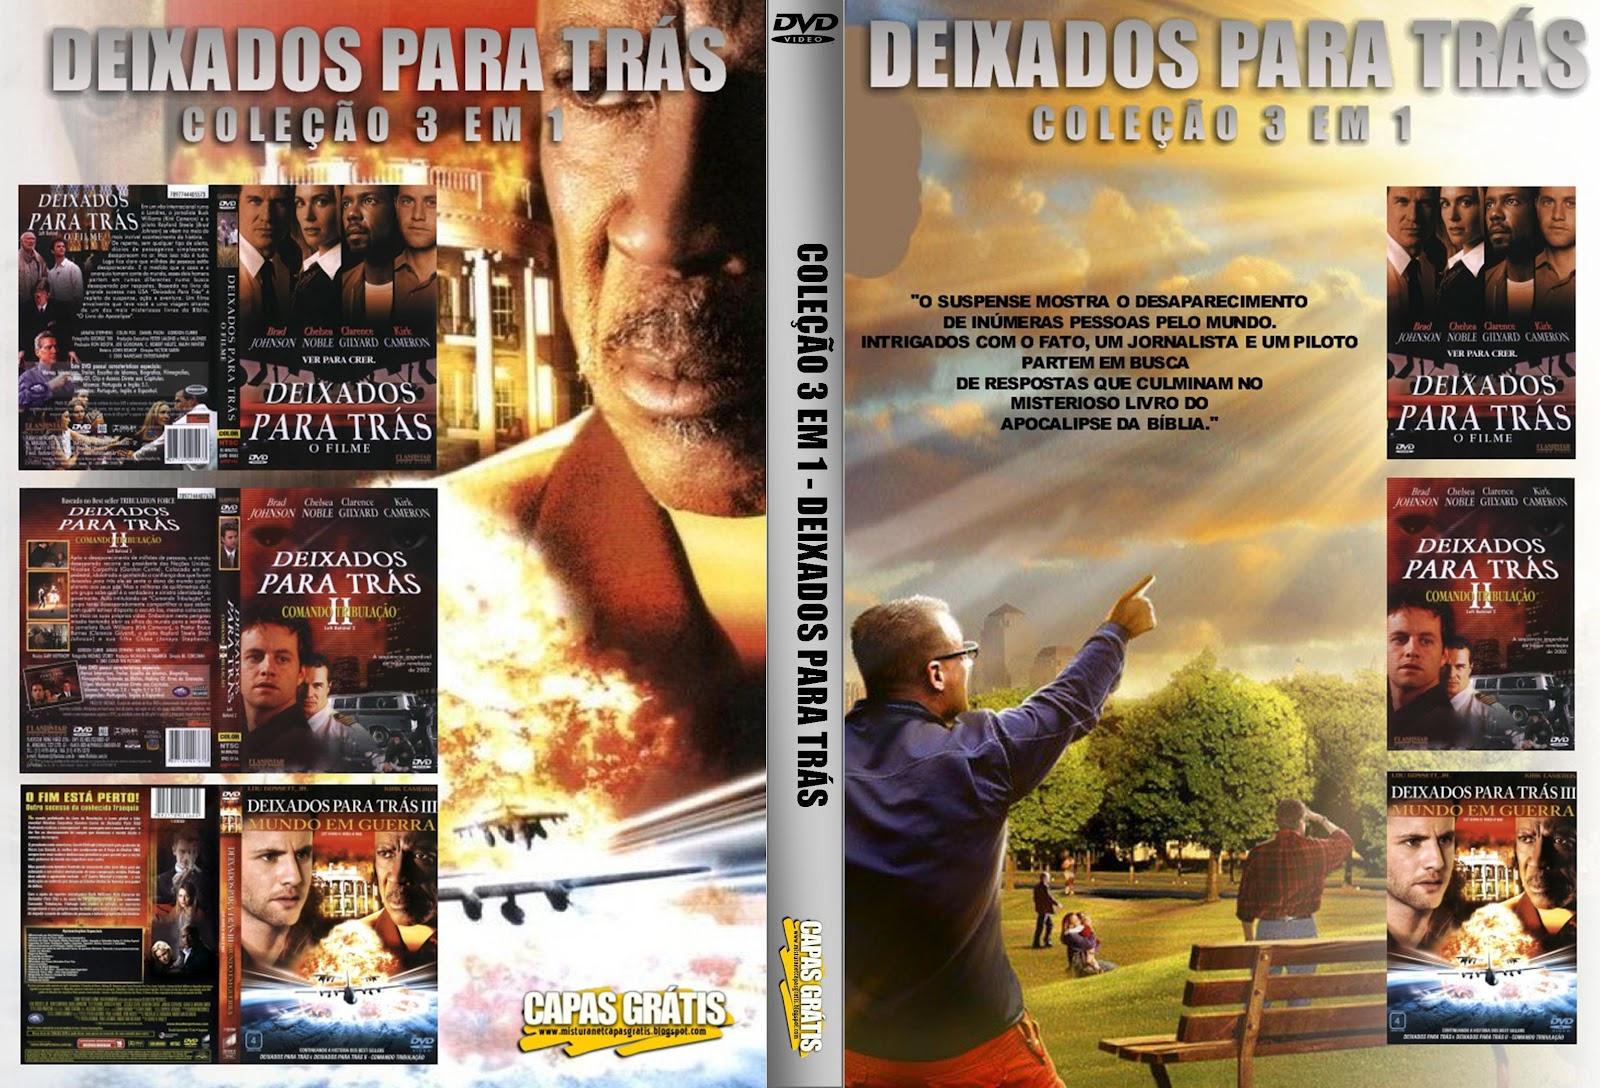 DEIXADOS GRATIS PARA BAIXAR FILME TRAS 3